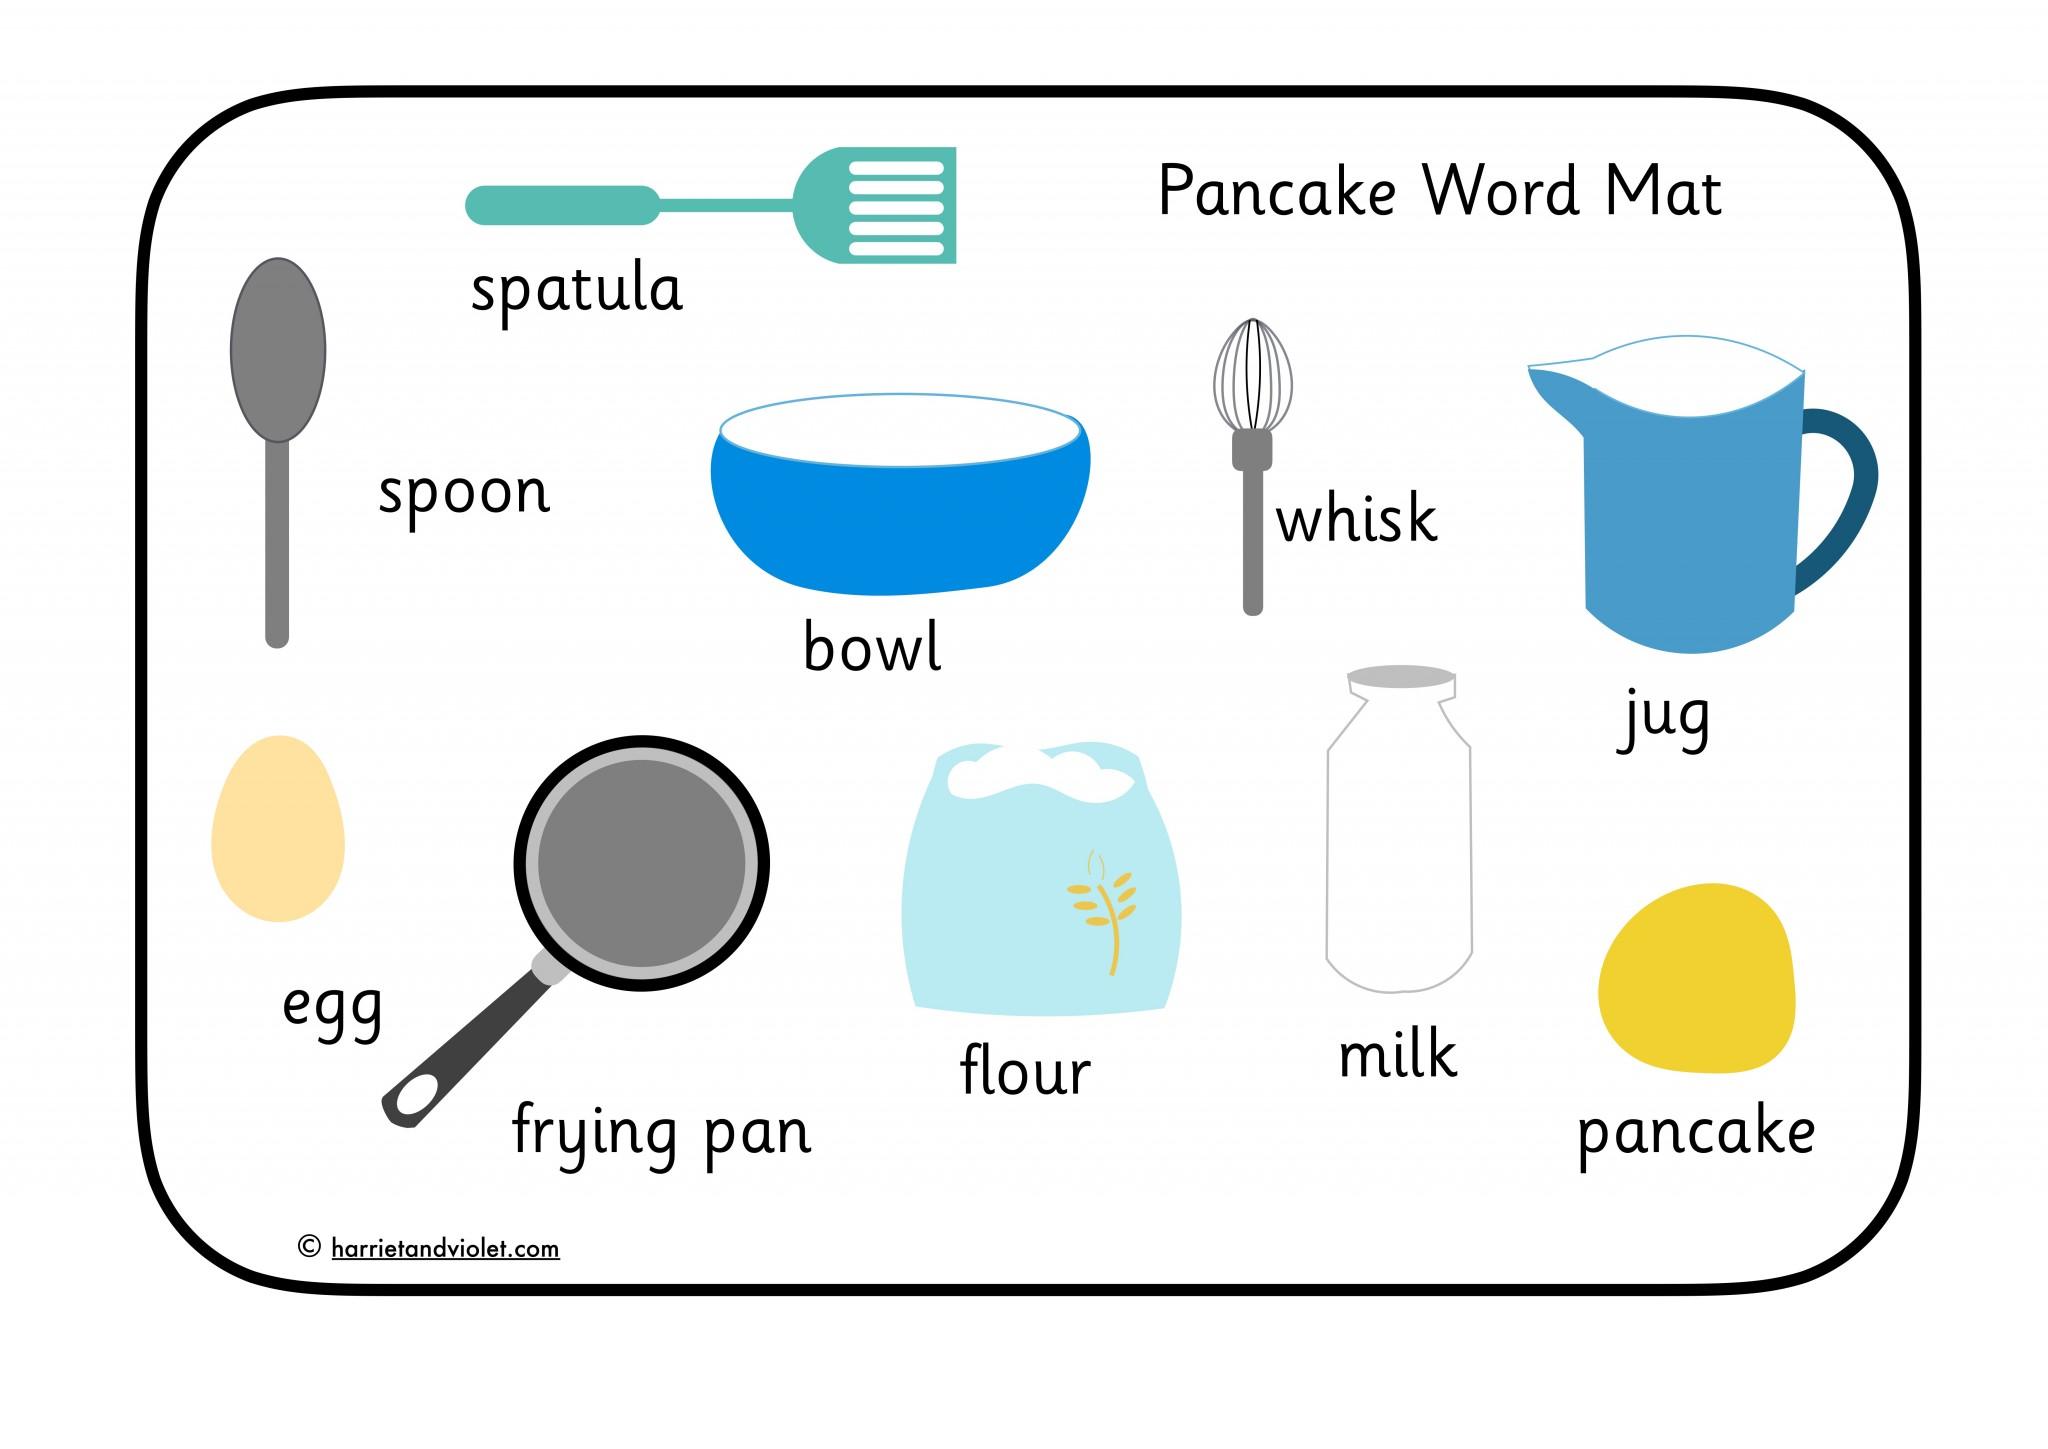 Pancake Word Mat